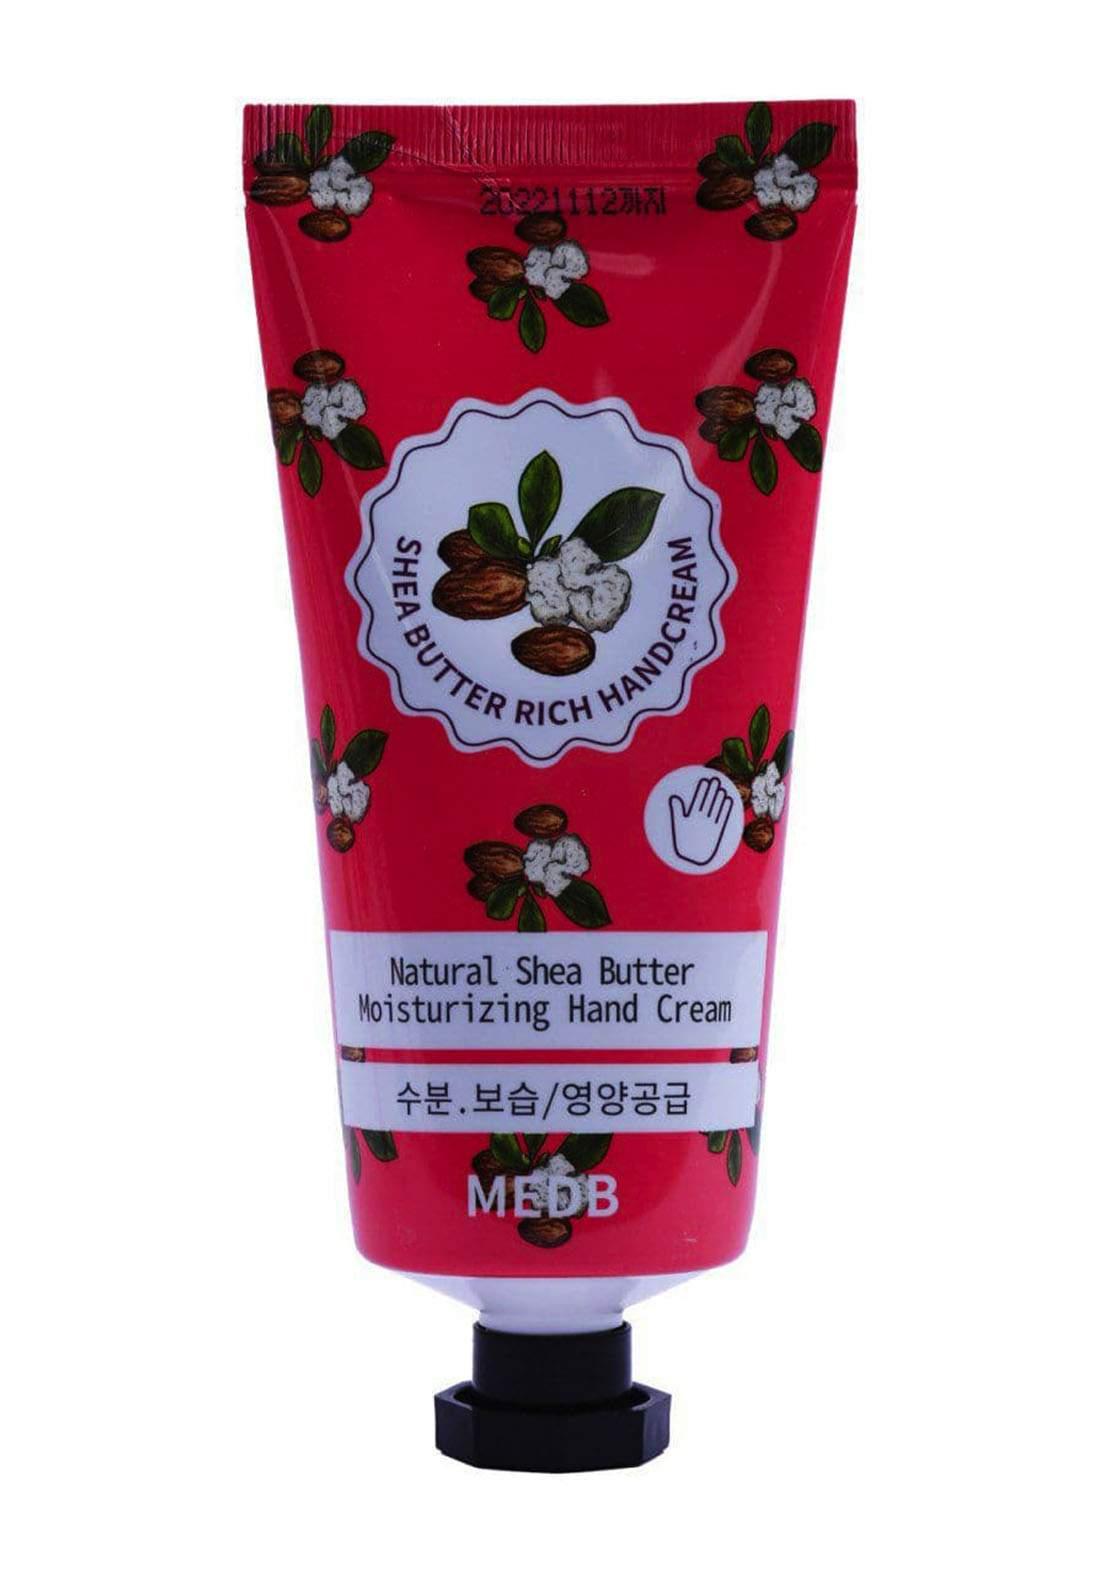 Natural Shea Butter Moisturizing Hand Cream كريم مرطب لليدين